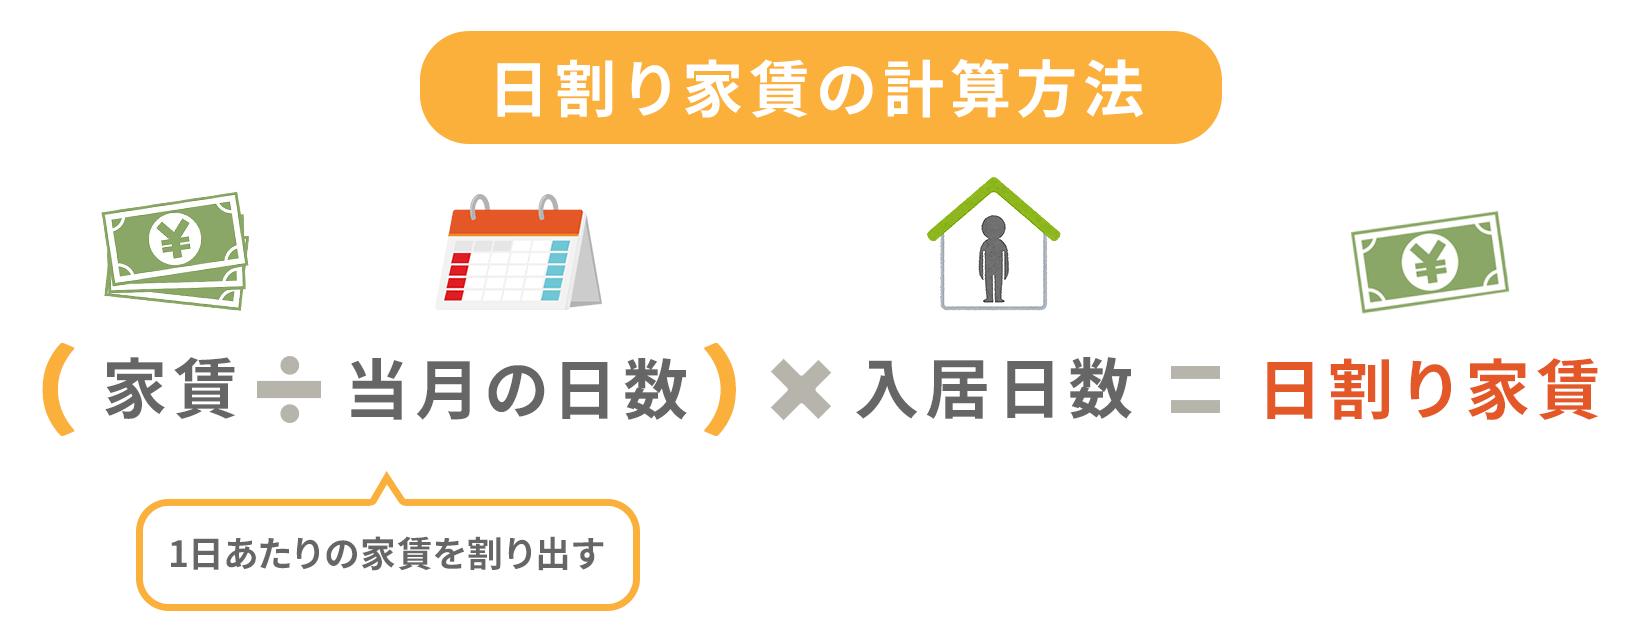 1日分の家賃×日数で入居月の日割り家賃が求められる